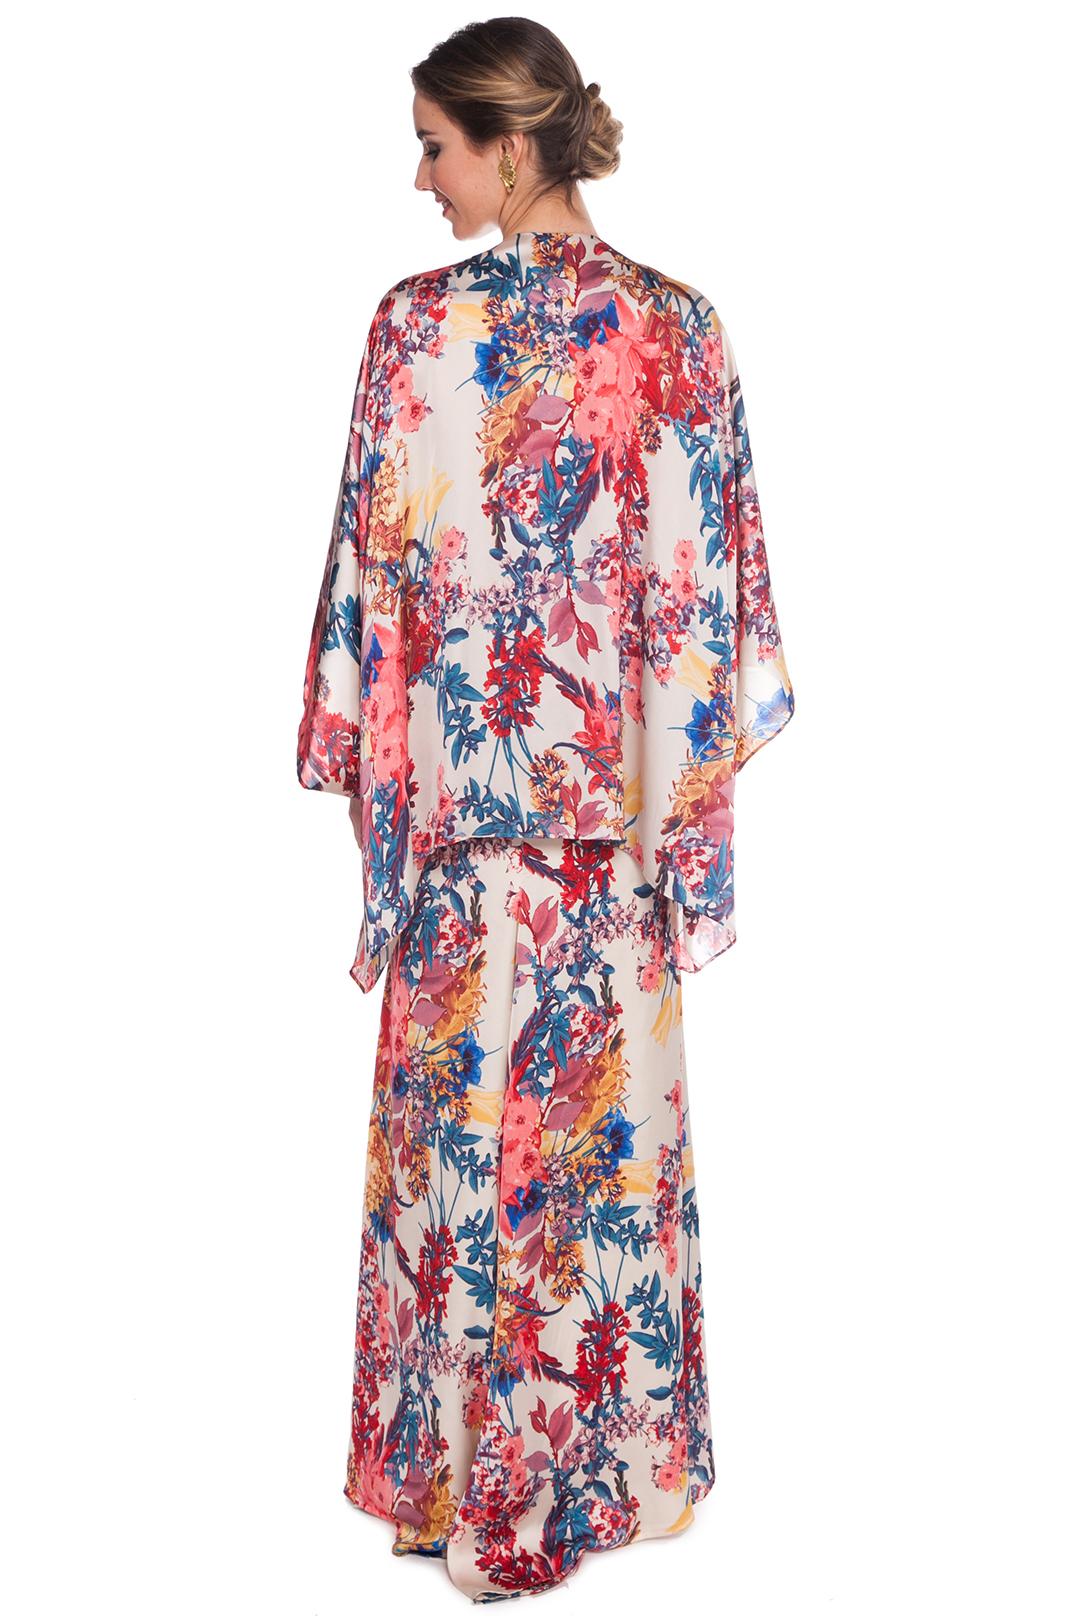 left - Vestido Kimono Print